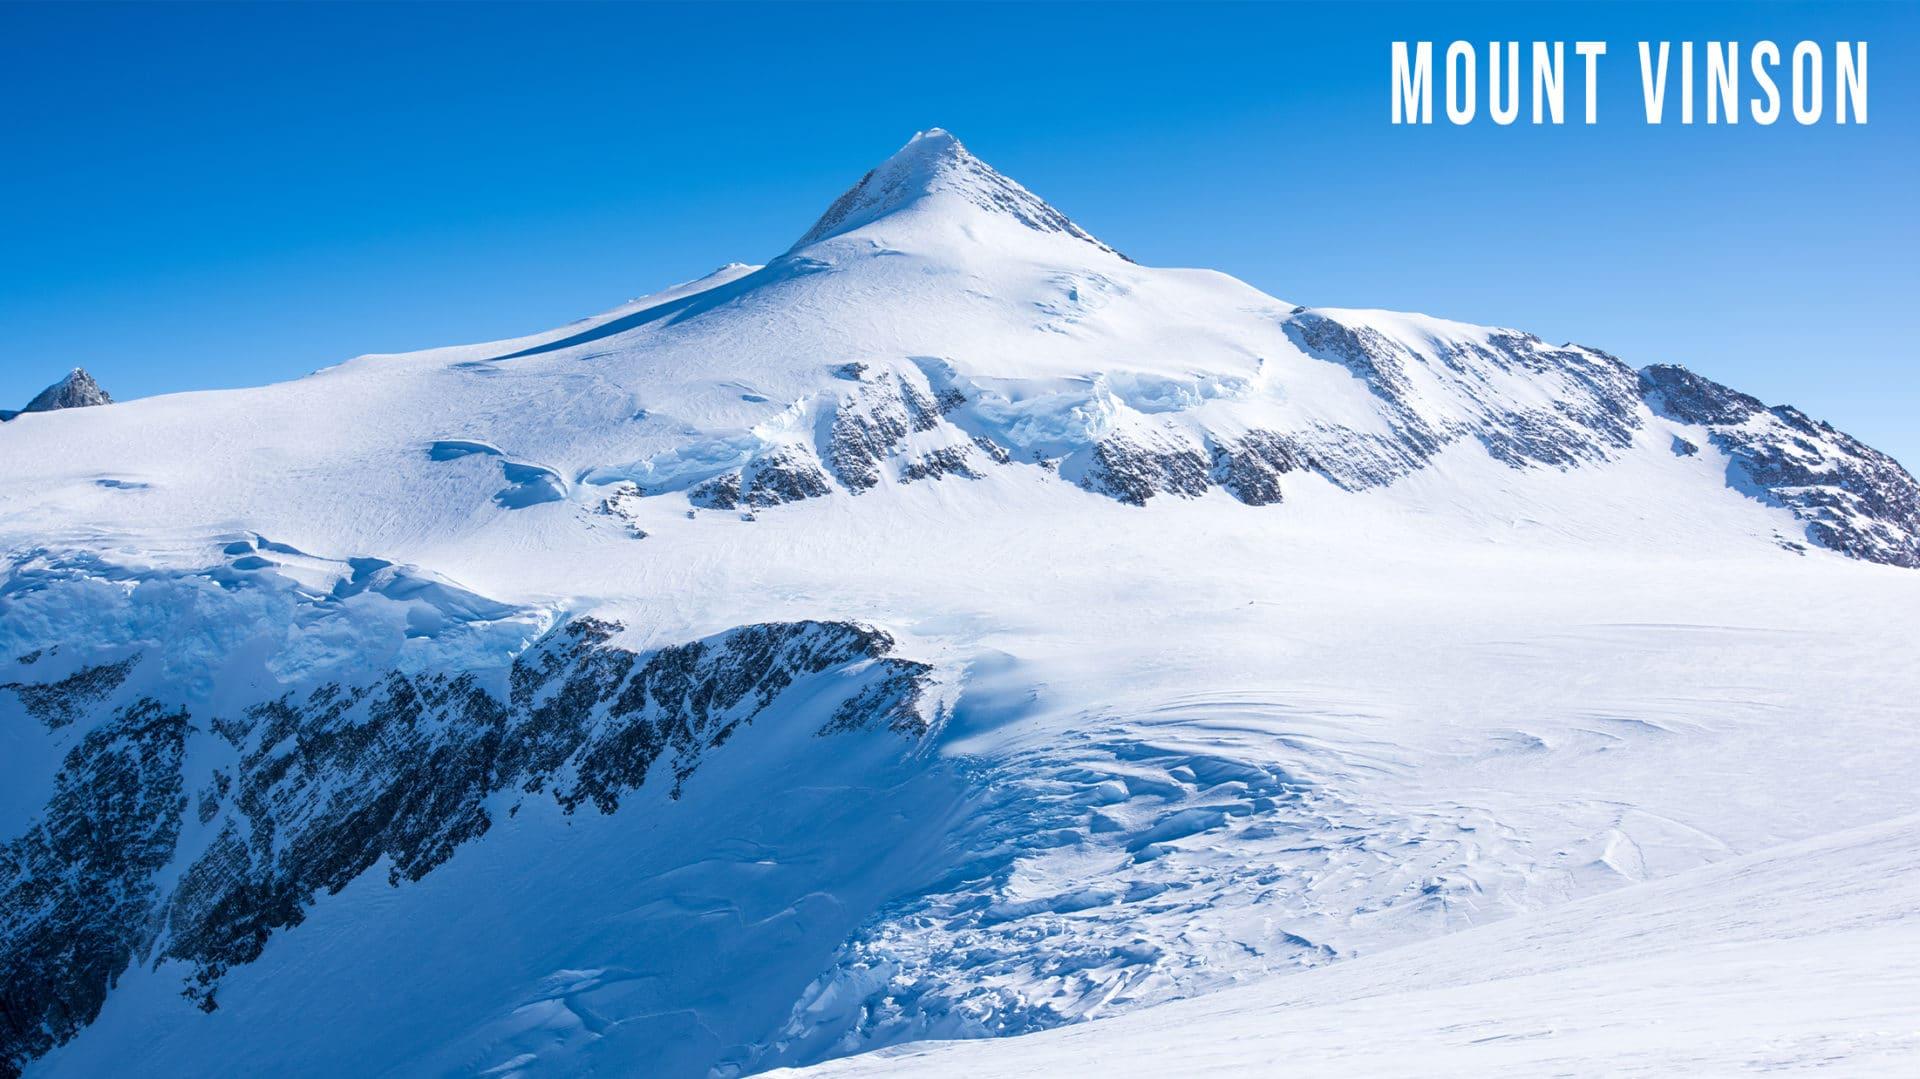 Mount Vinson in Antarctica